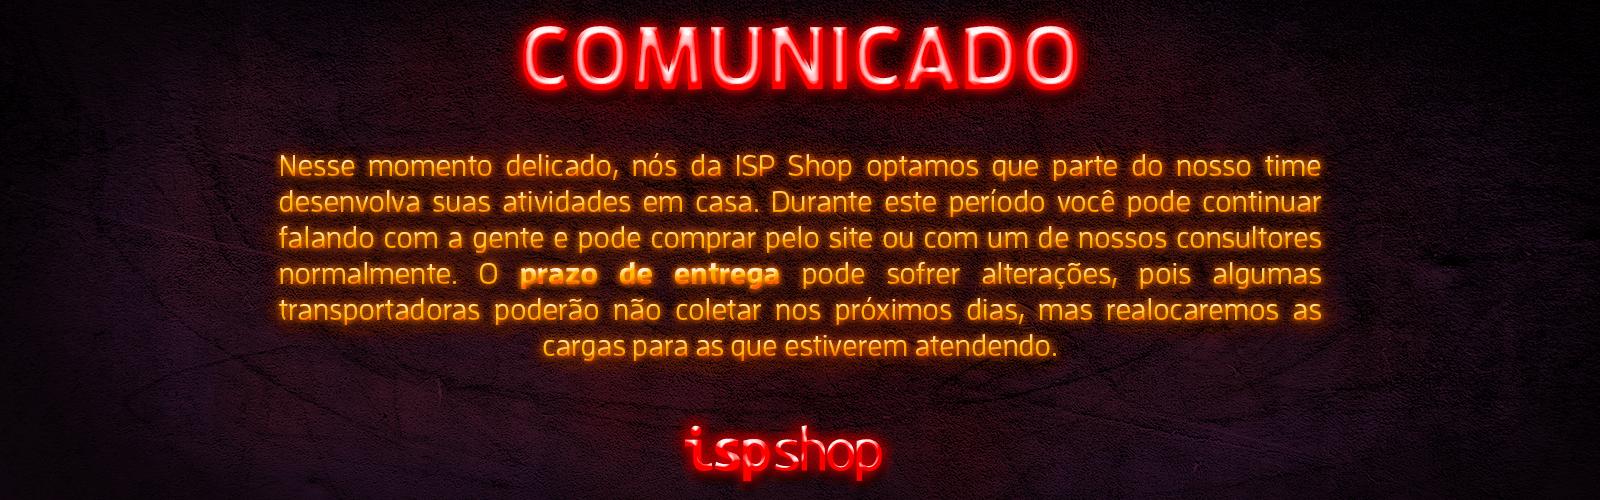 Comunicado!!